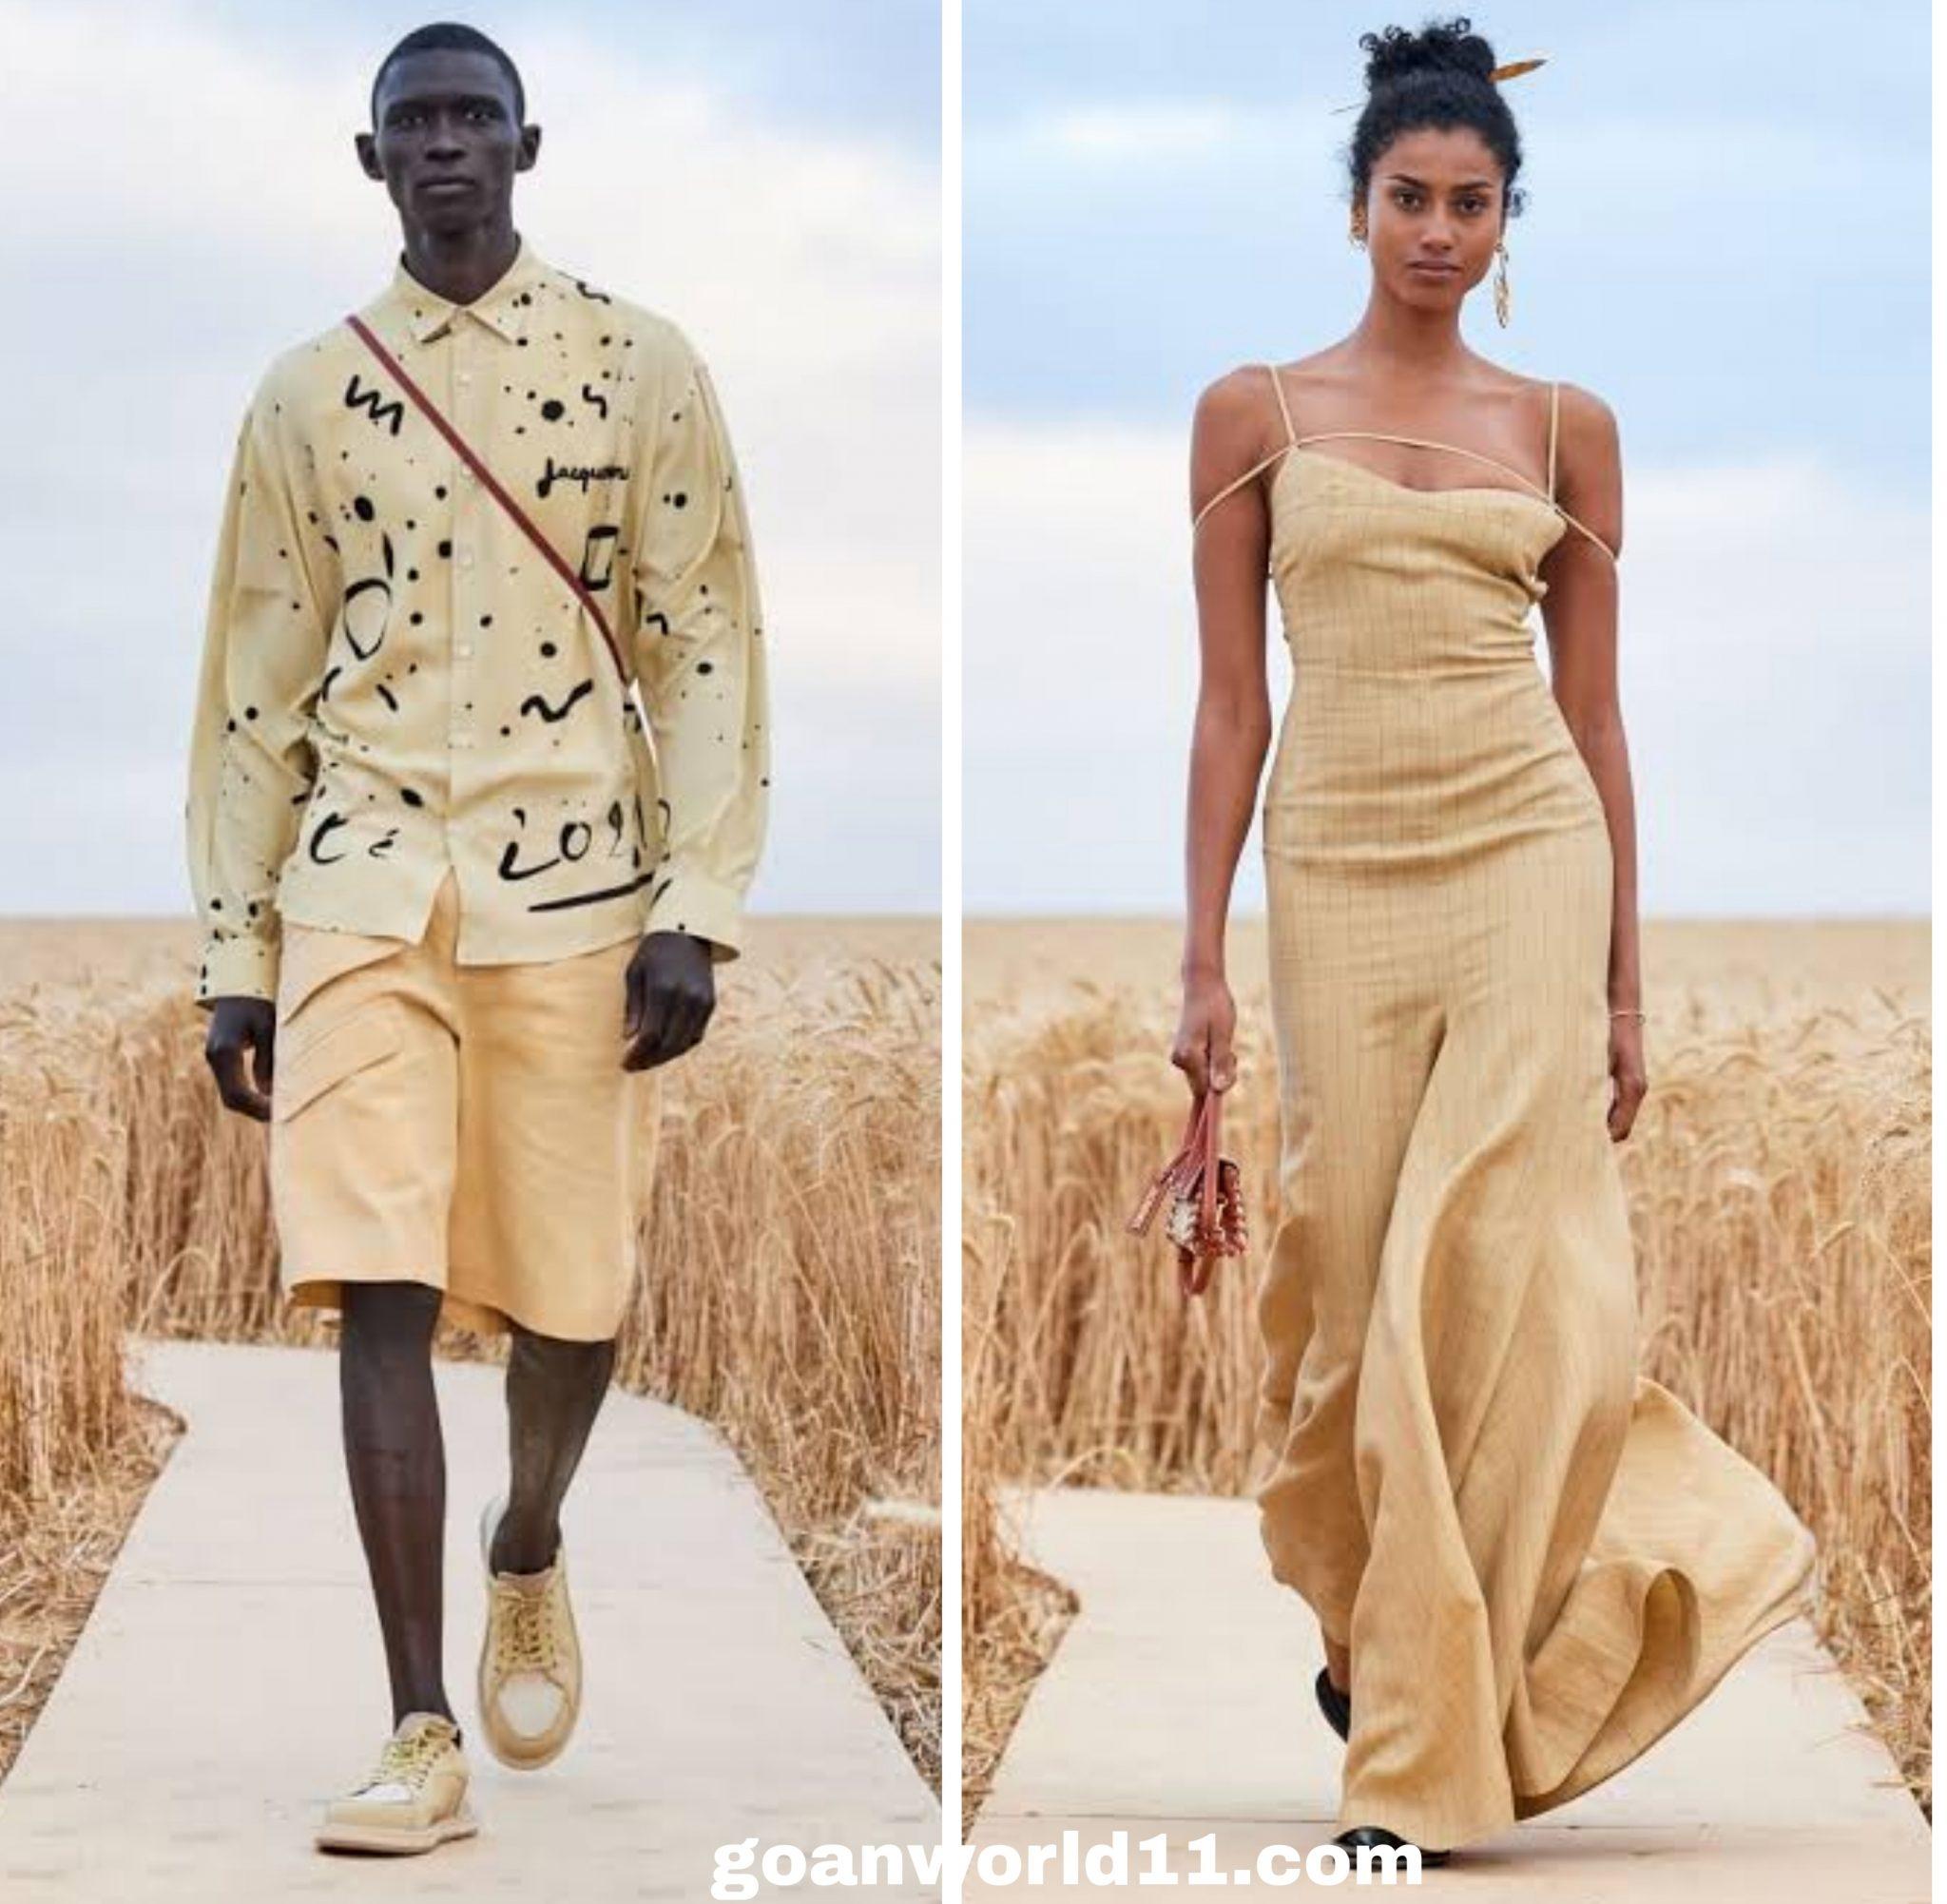 गेहूं के खेत मे Jacquemus फैशन शो पुरी दुनया देकती रह गयी